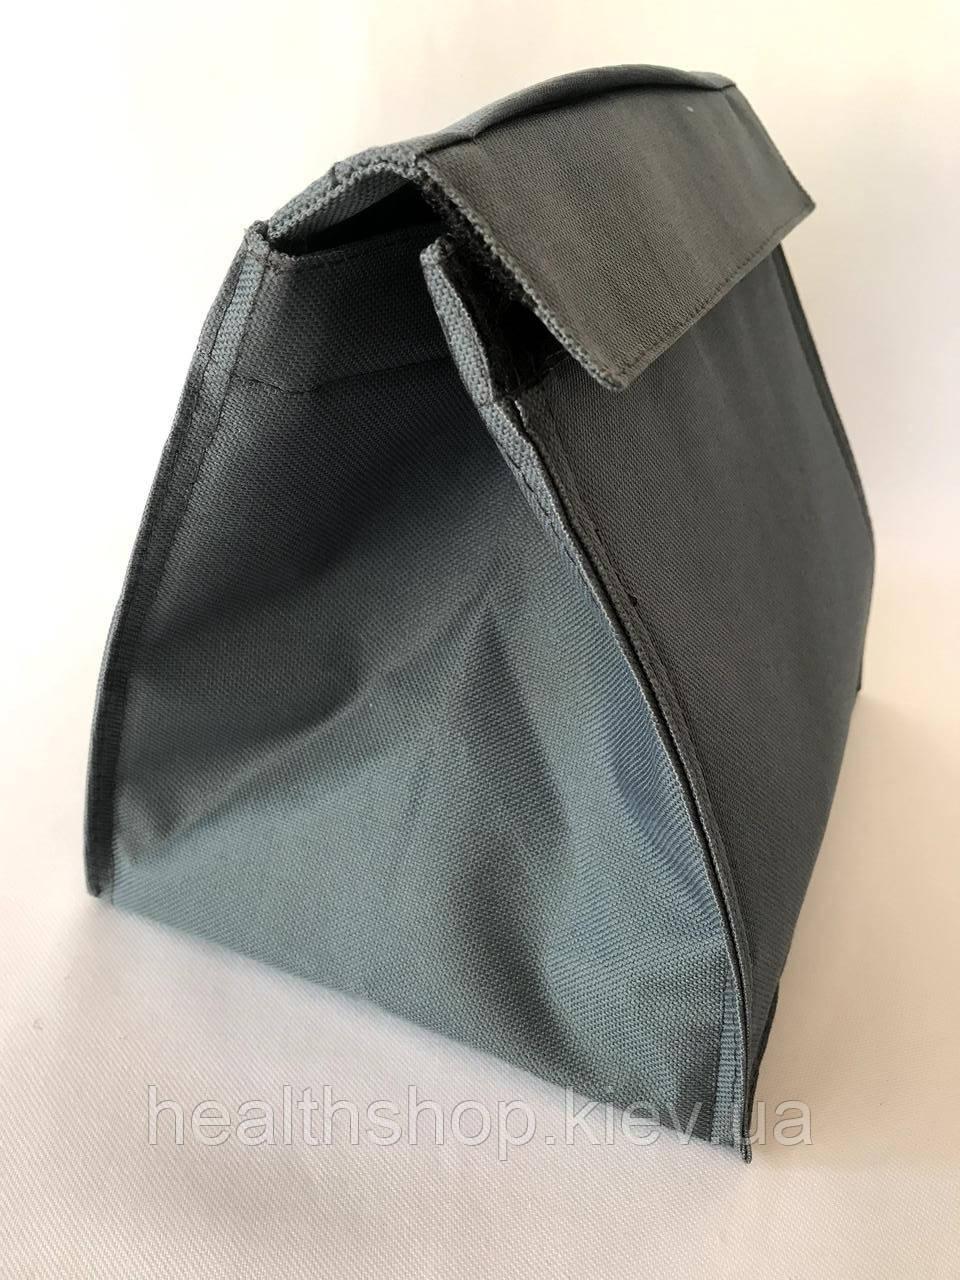 Ланчбэг компактный, сумка для еды, lanch bag